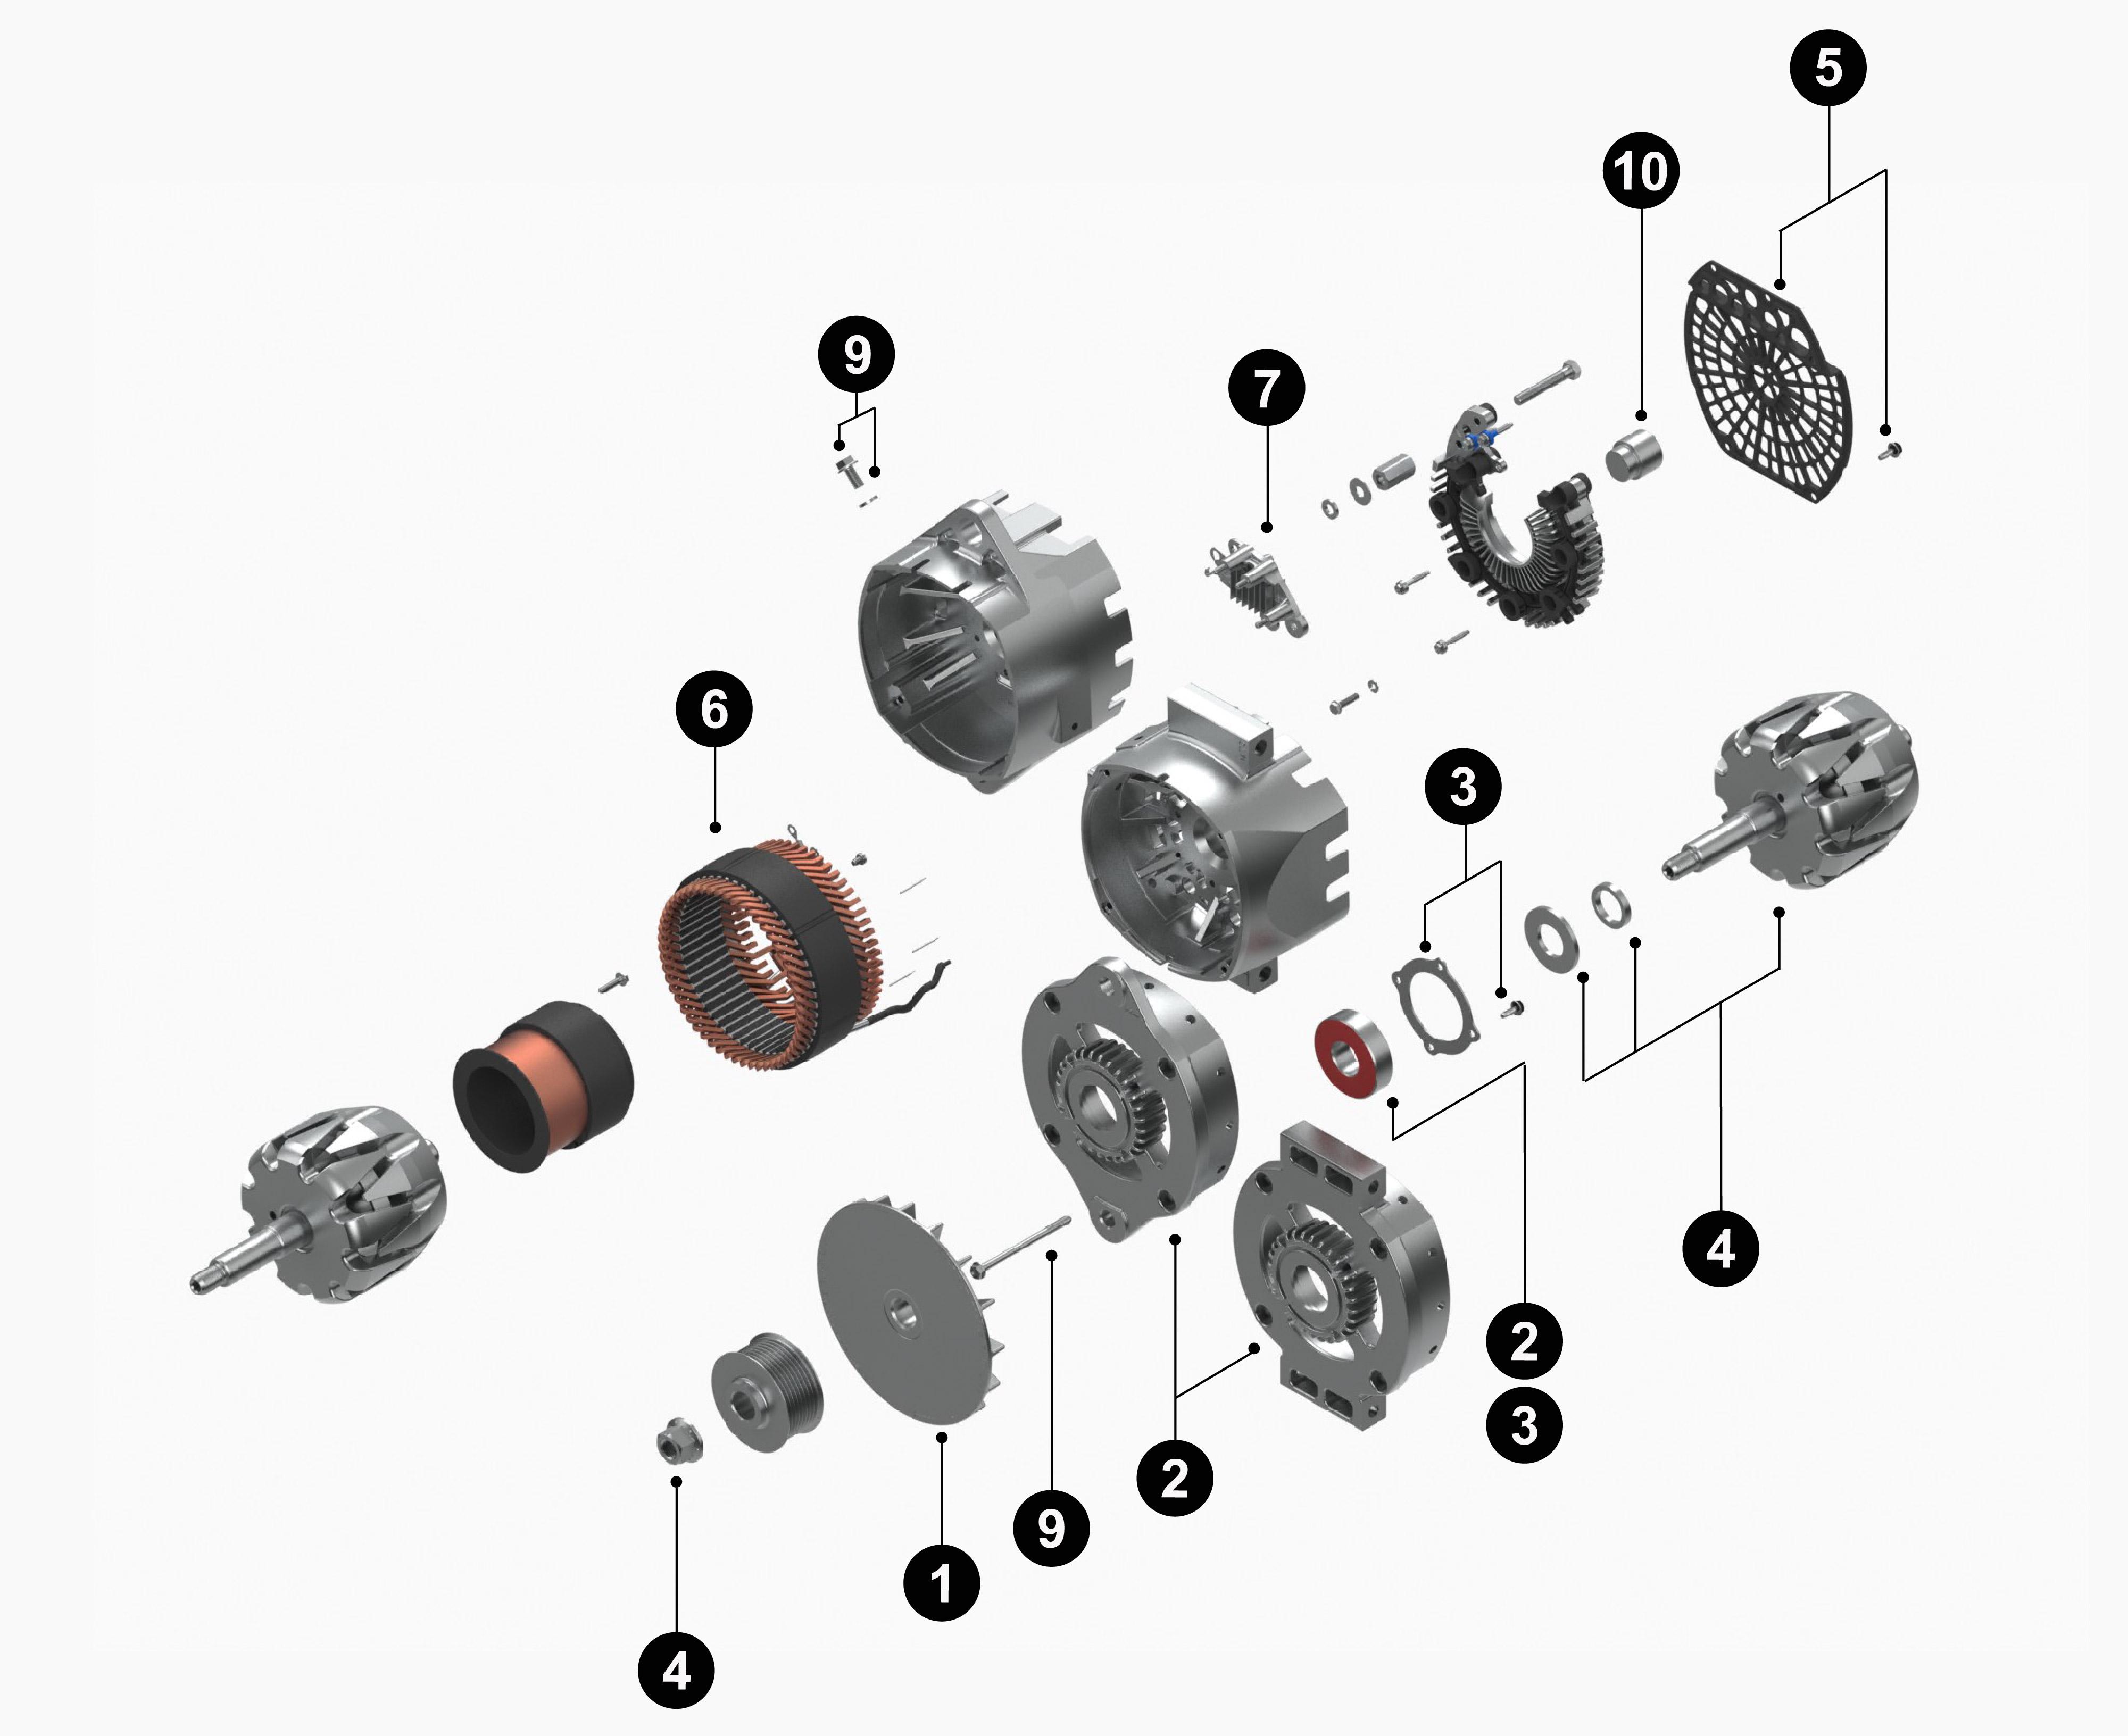 delco remy alternator diagram ibanez rg 320 fm wiring 55si